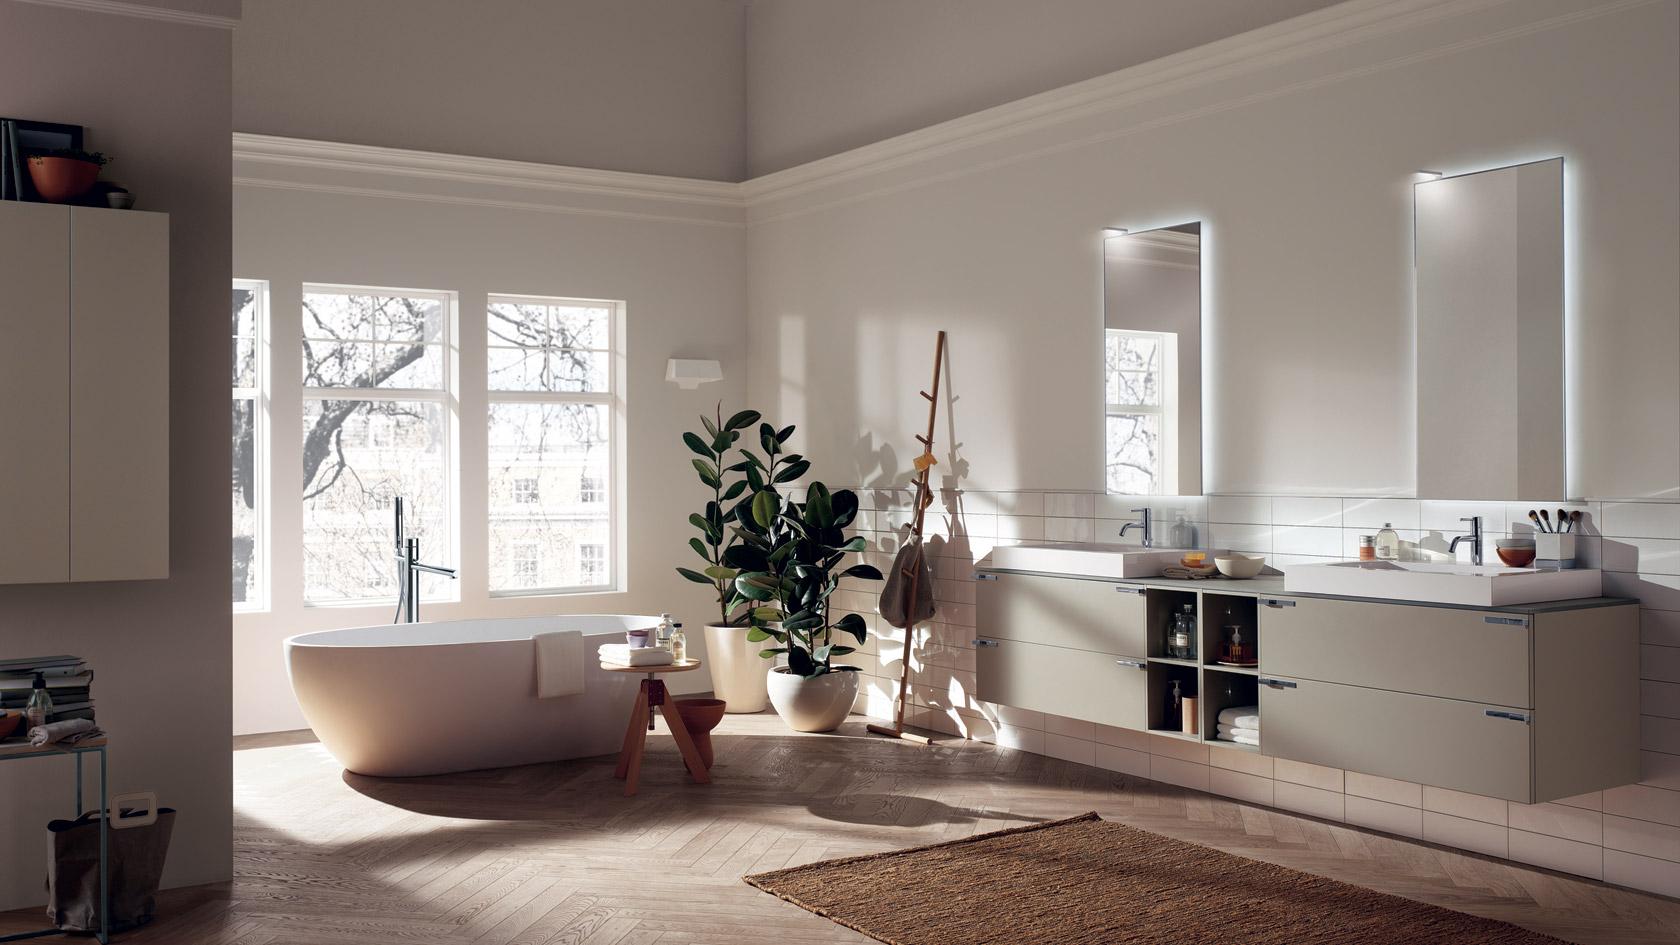 Bagni classici moderni arredamento bagno classico moderno mobile